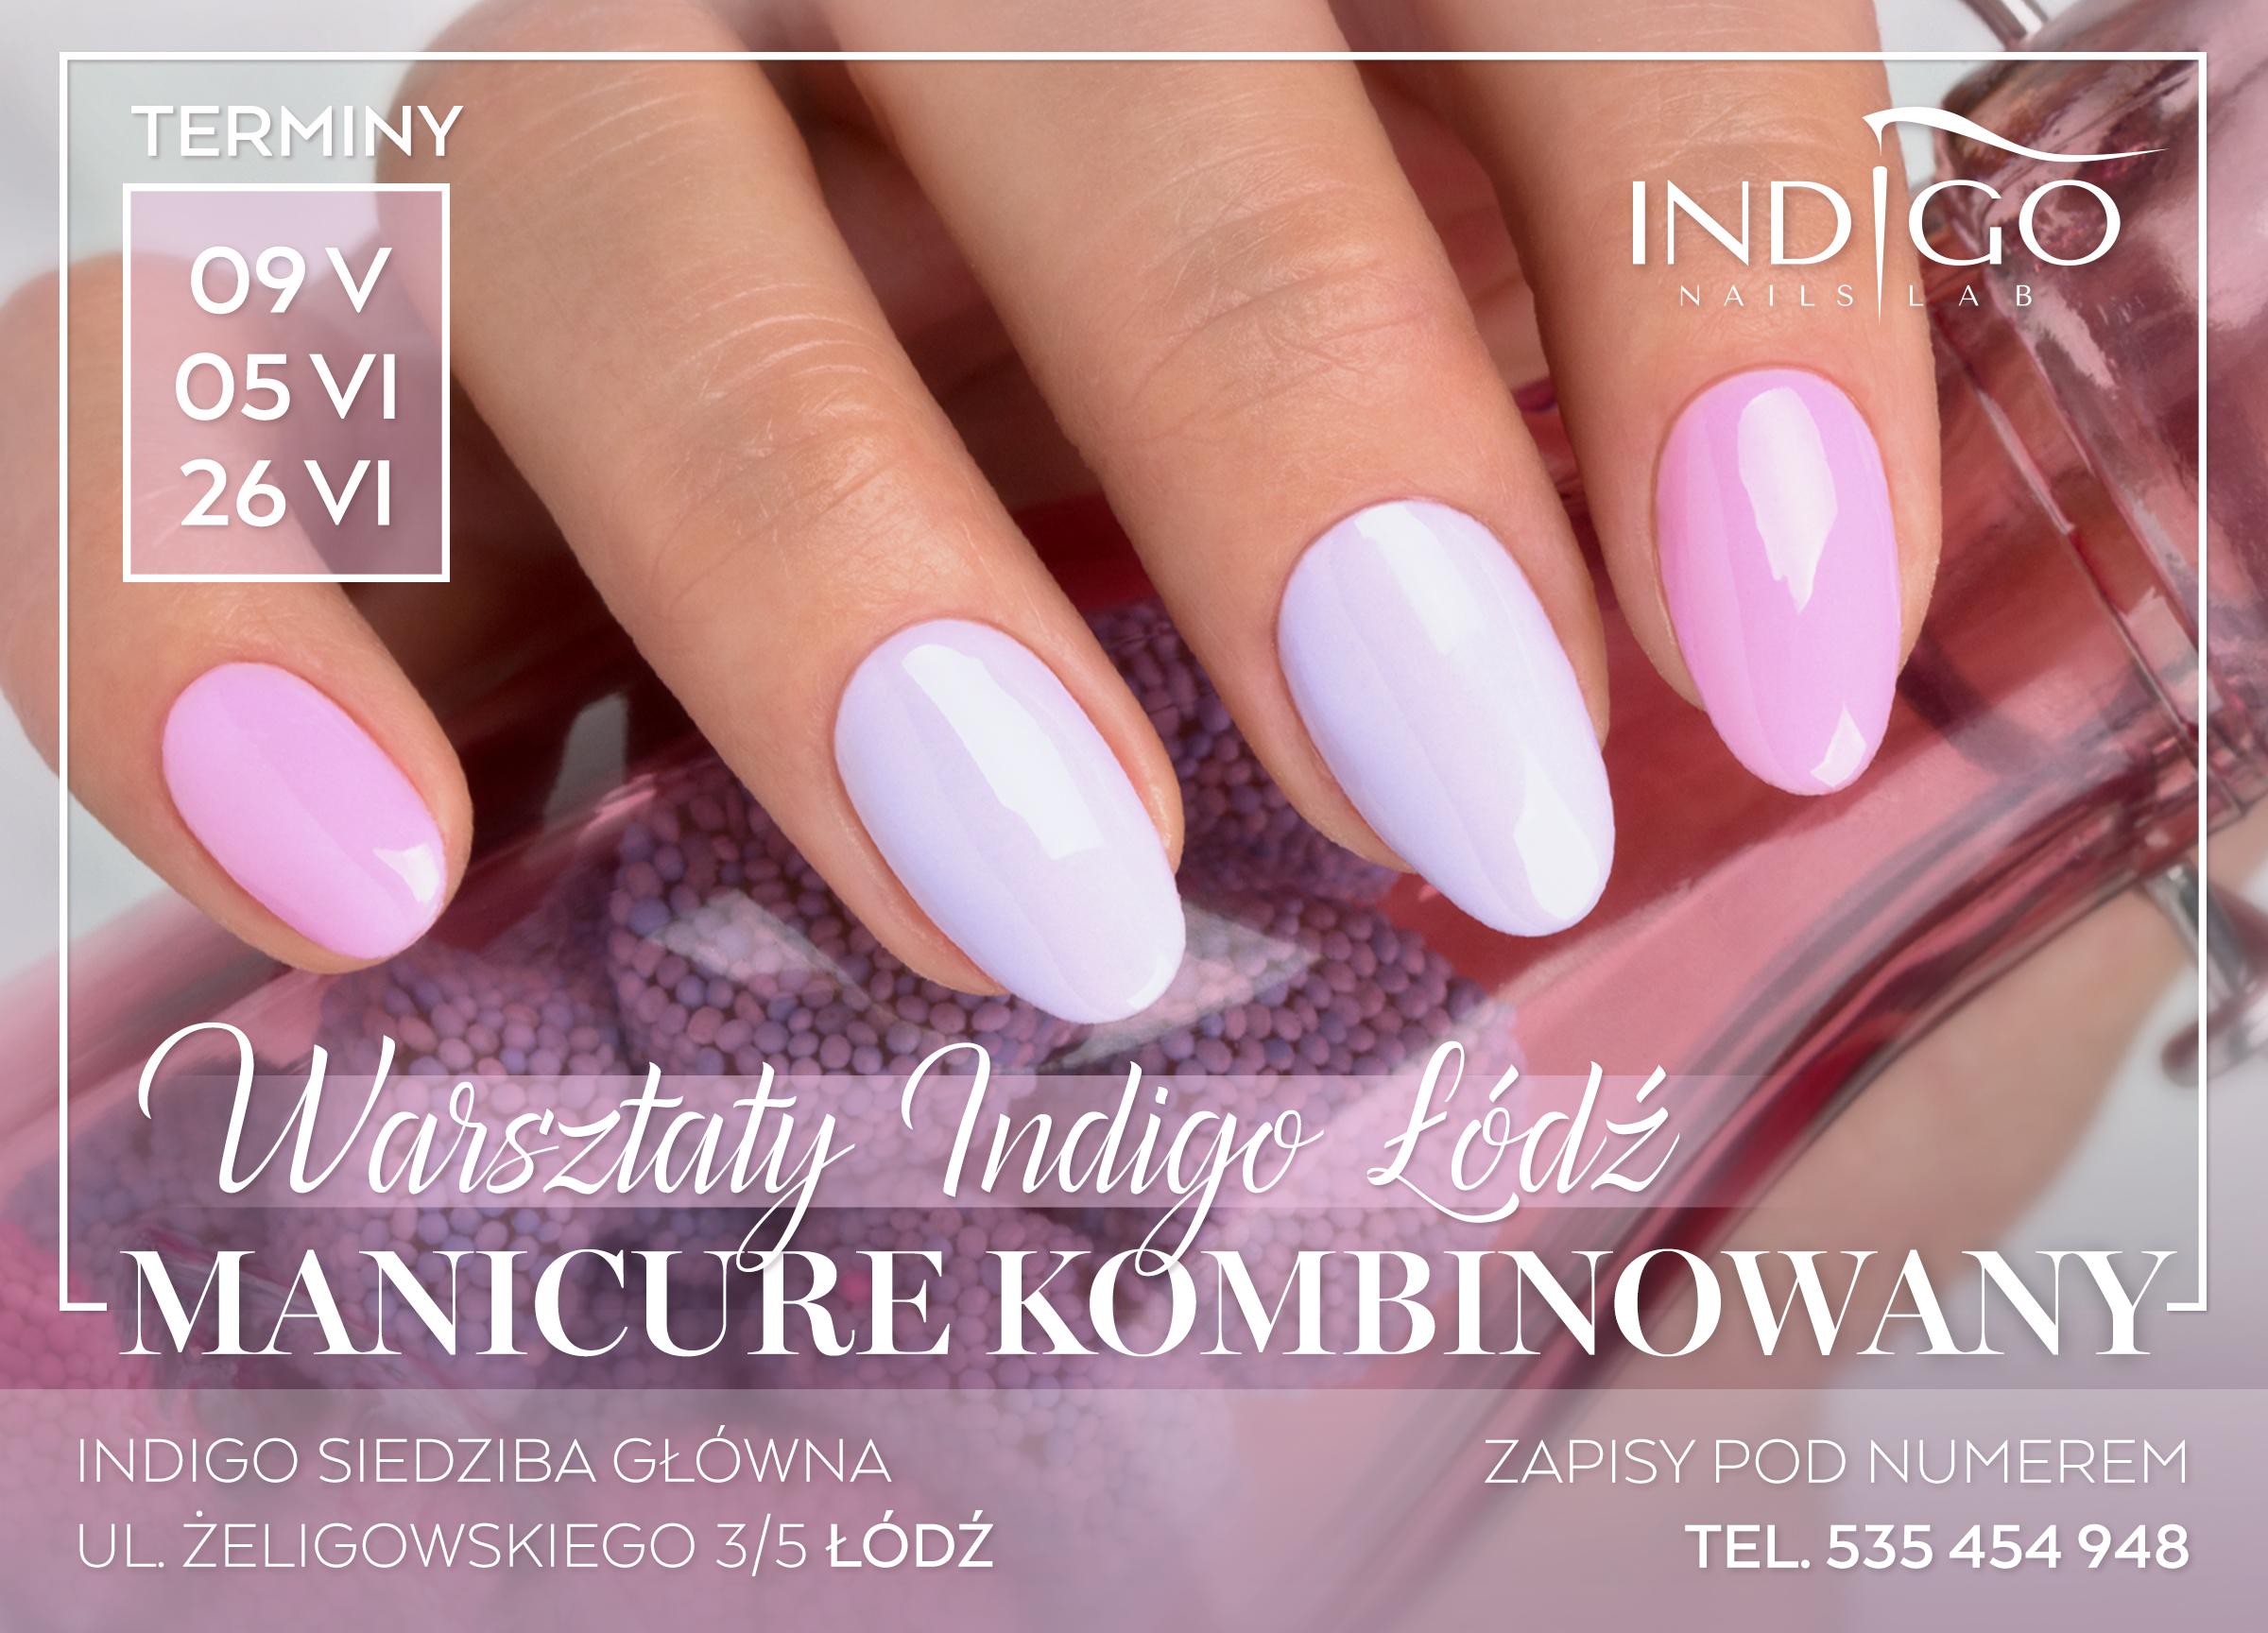 szkolenia indigo, najnowasze trendy paznokcie, top trendy nails, manicure kombinowany,